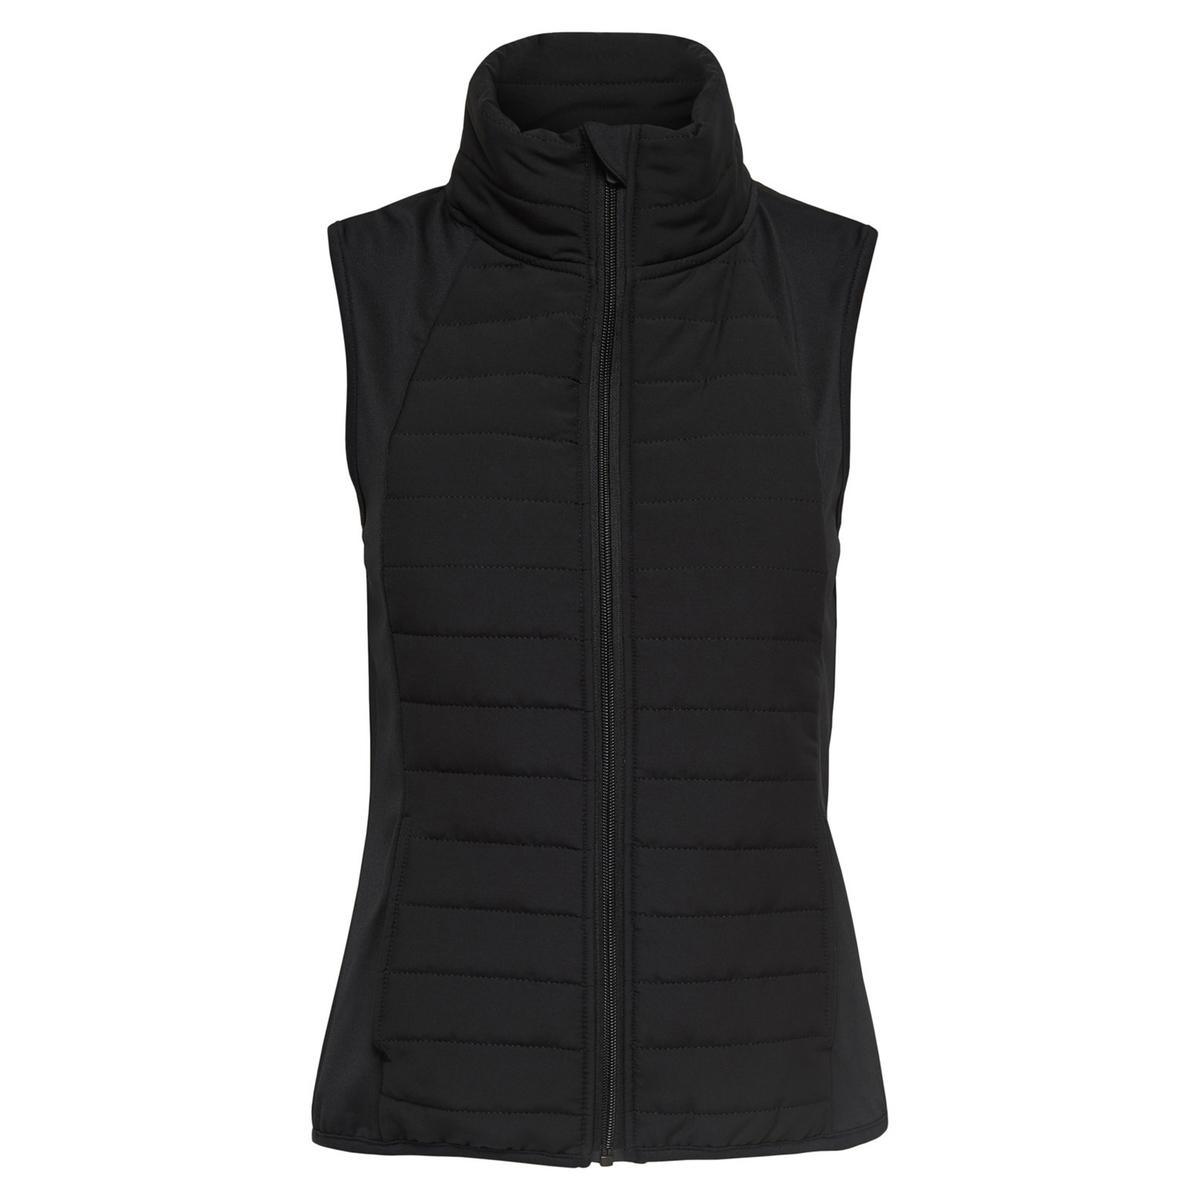 Куртка стеганая короткая демисезонная с застежкой на молнию короткая куртка monsoon 0792fa601 2014 1196